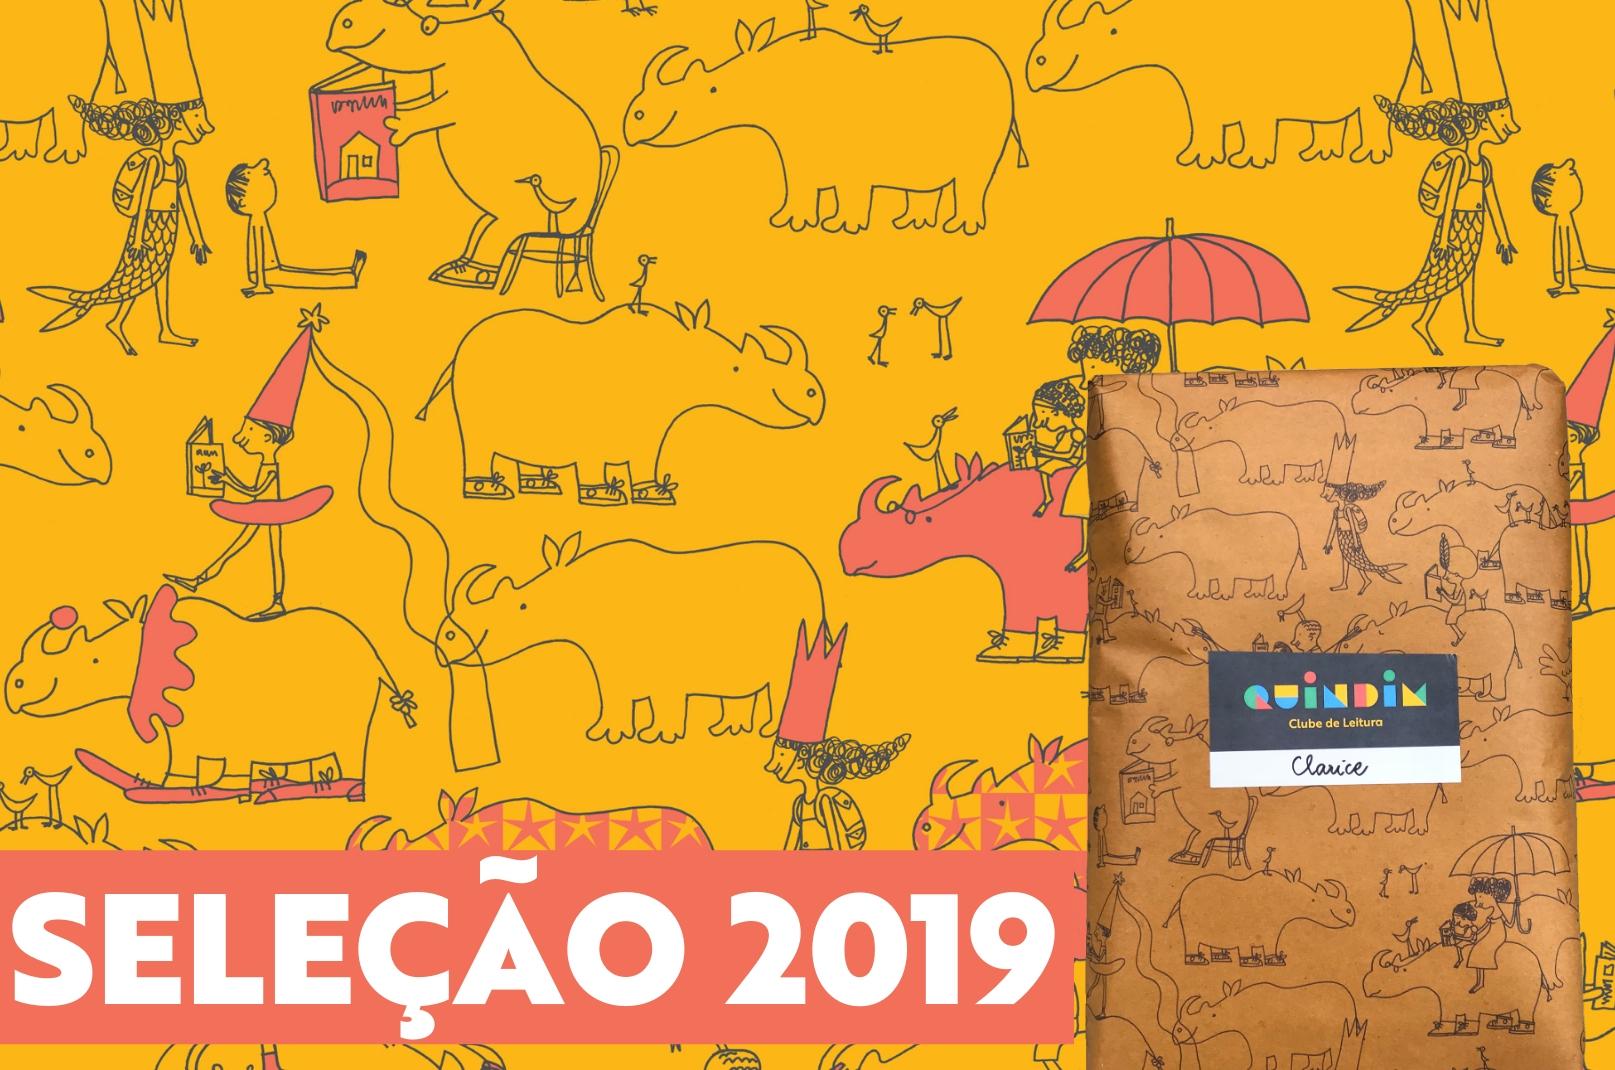 Conheça os livros infantis escolhidos pelo Clube Quindim em 2019